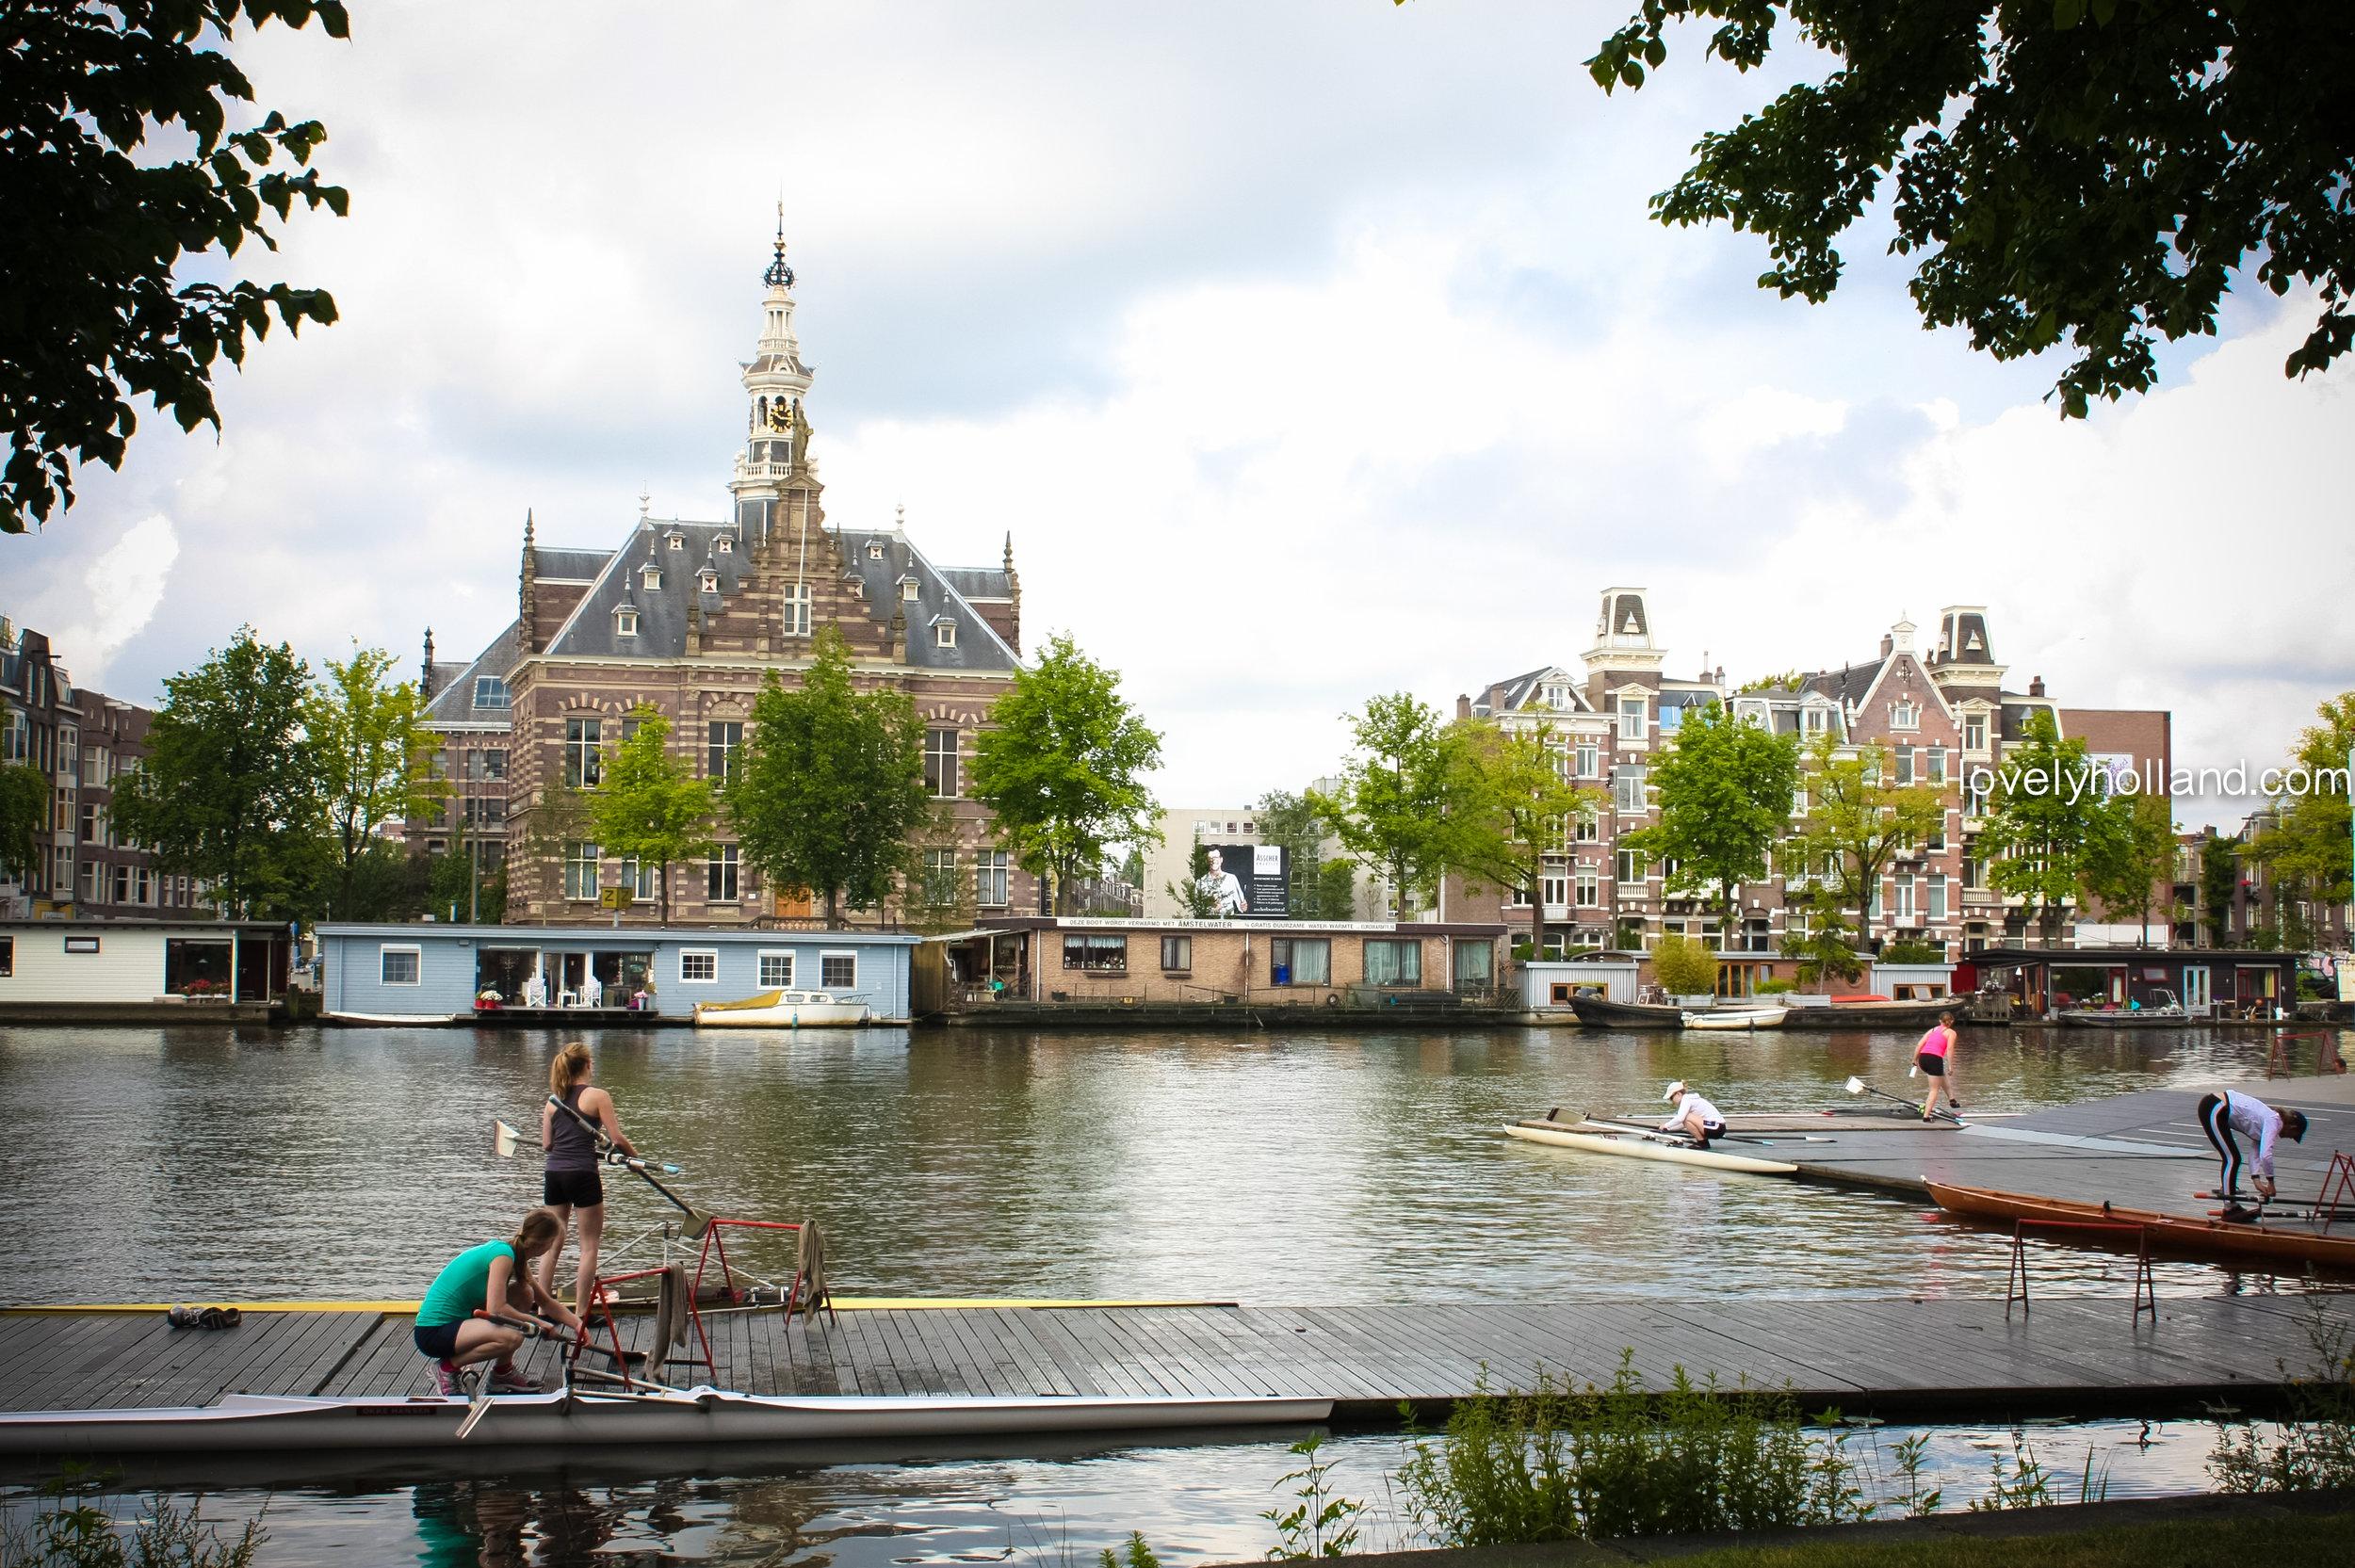 每到週末一早,就有許多人開始在運河上練習划獨木舟。